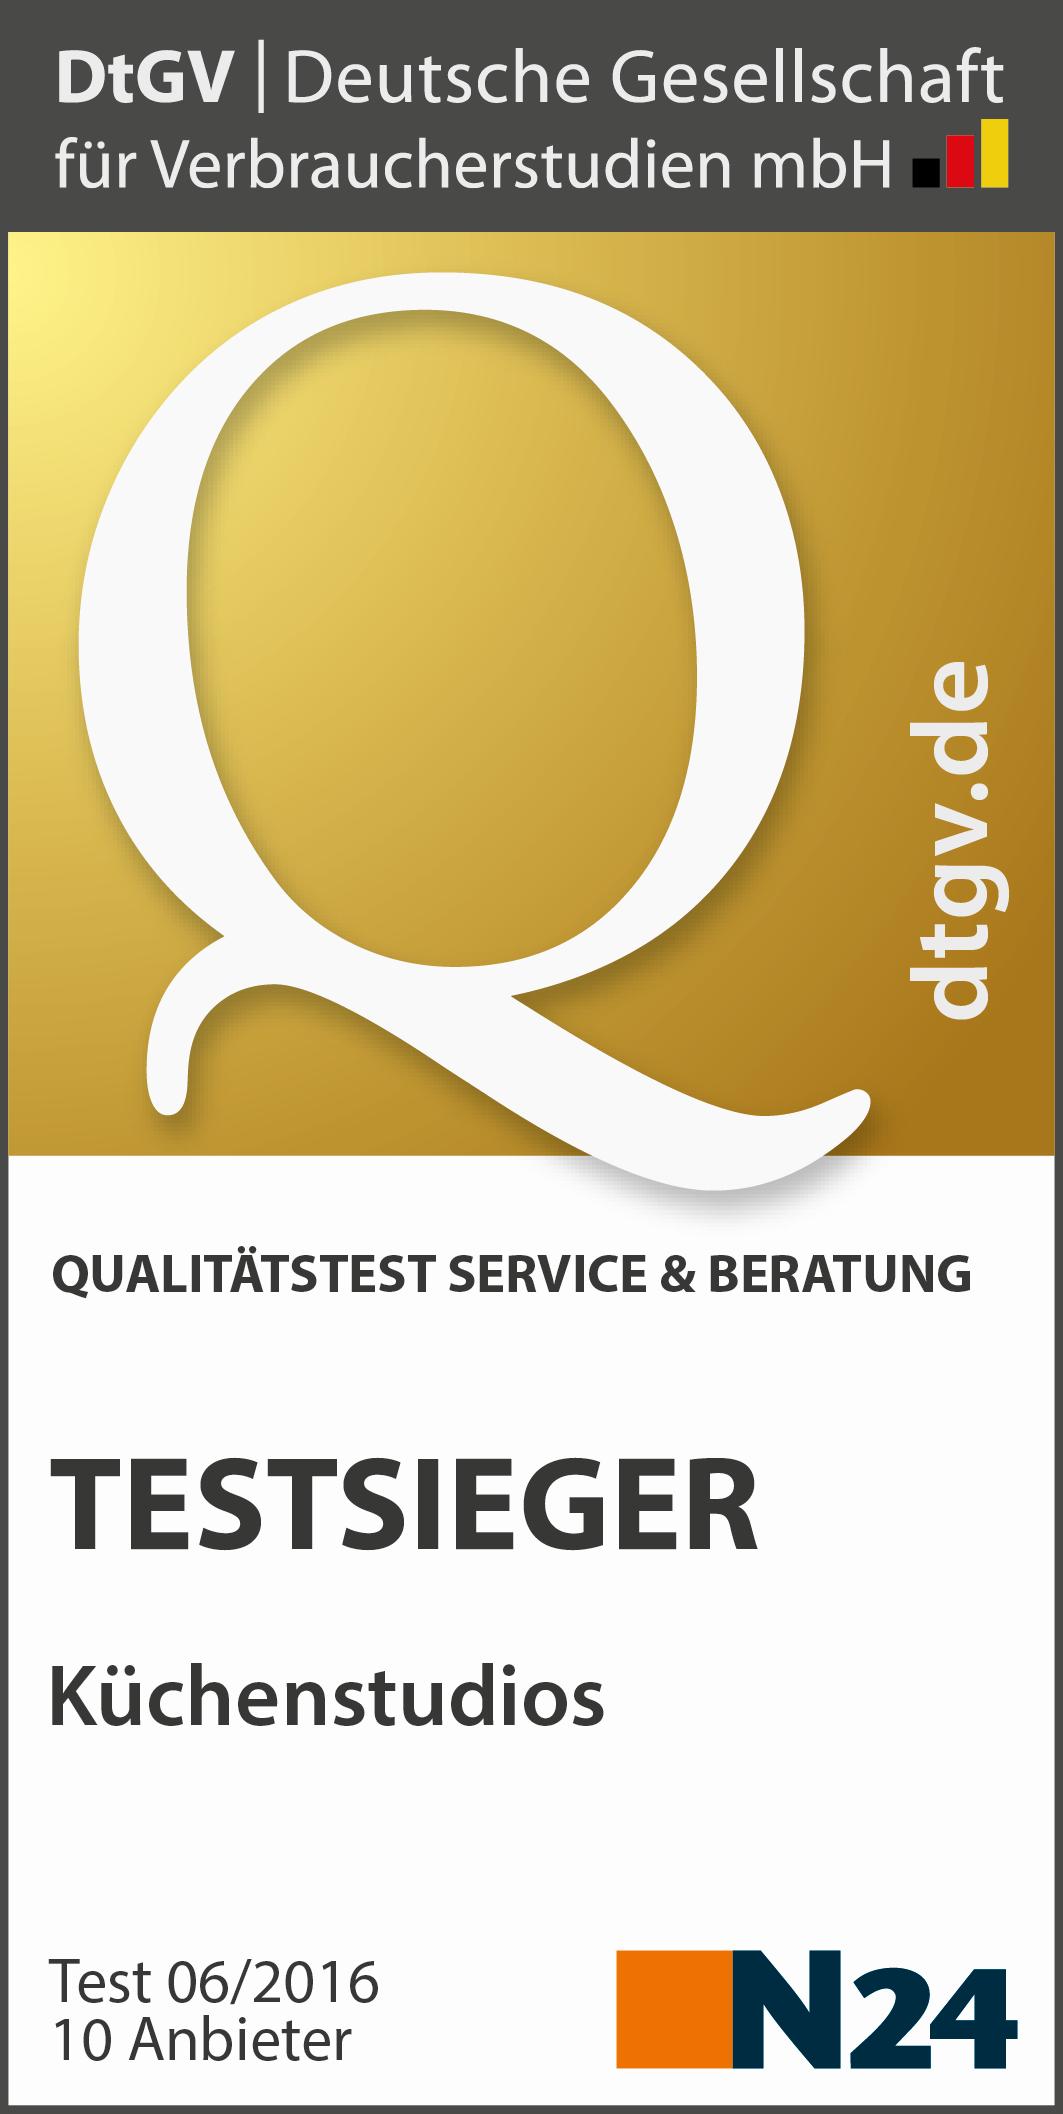 Küchenberatung test  Küchenstudios: Test von Service und Beratung | DtGV